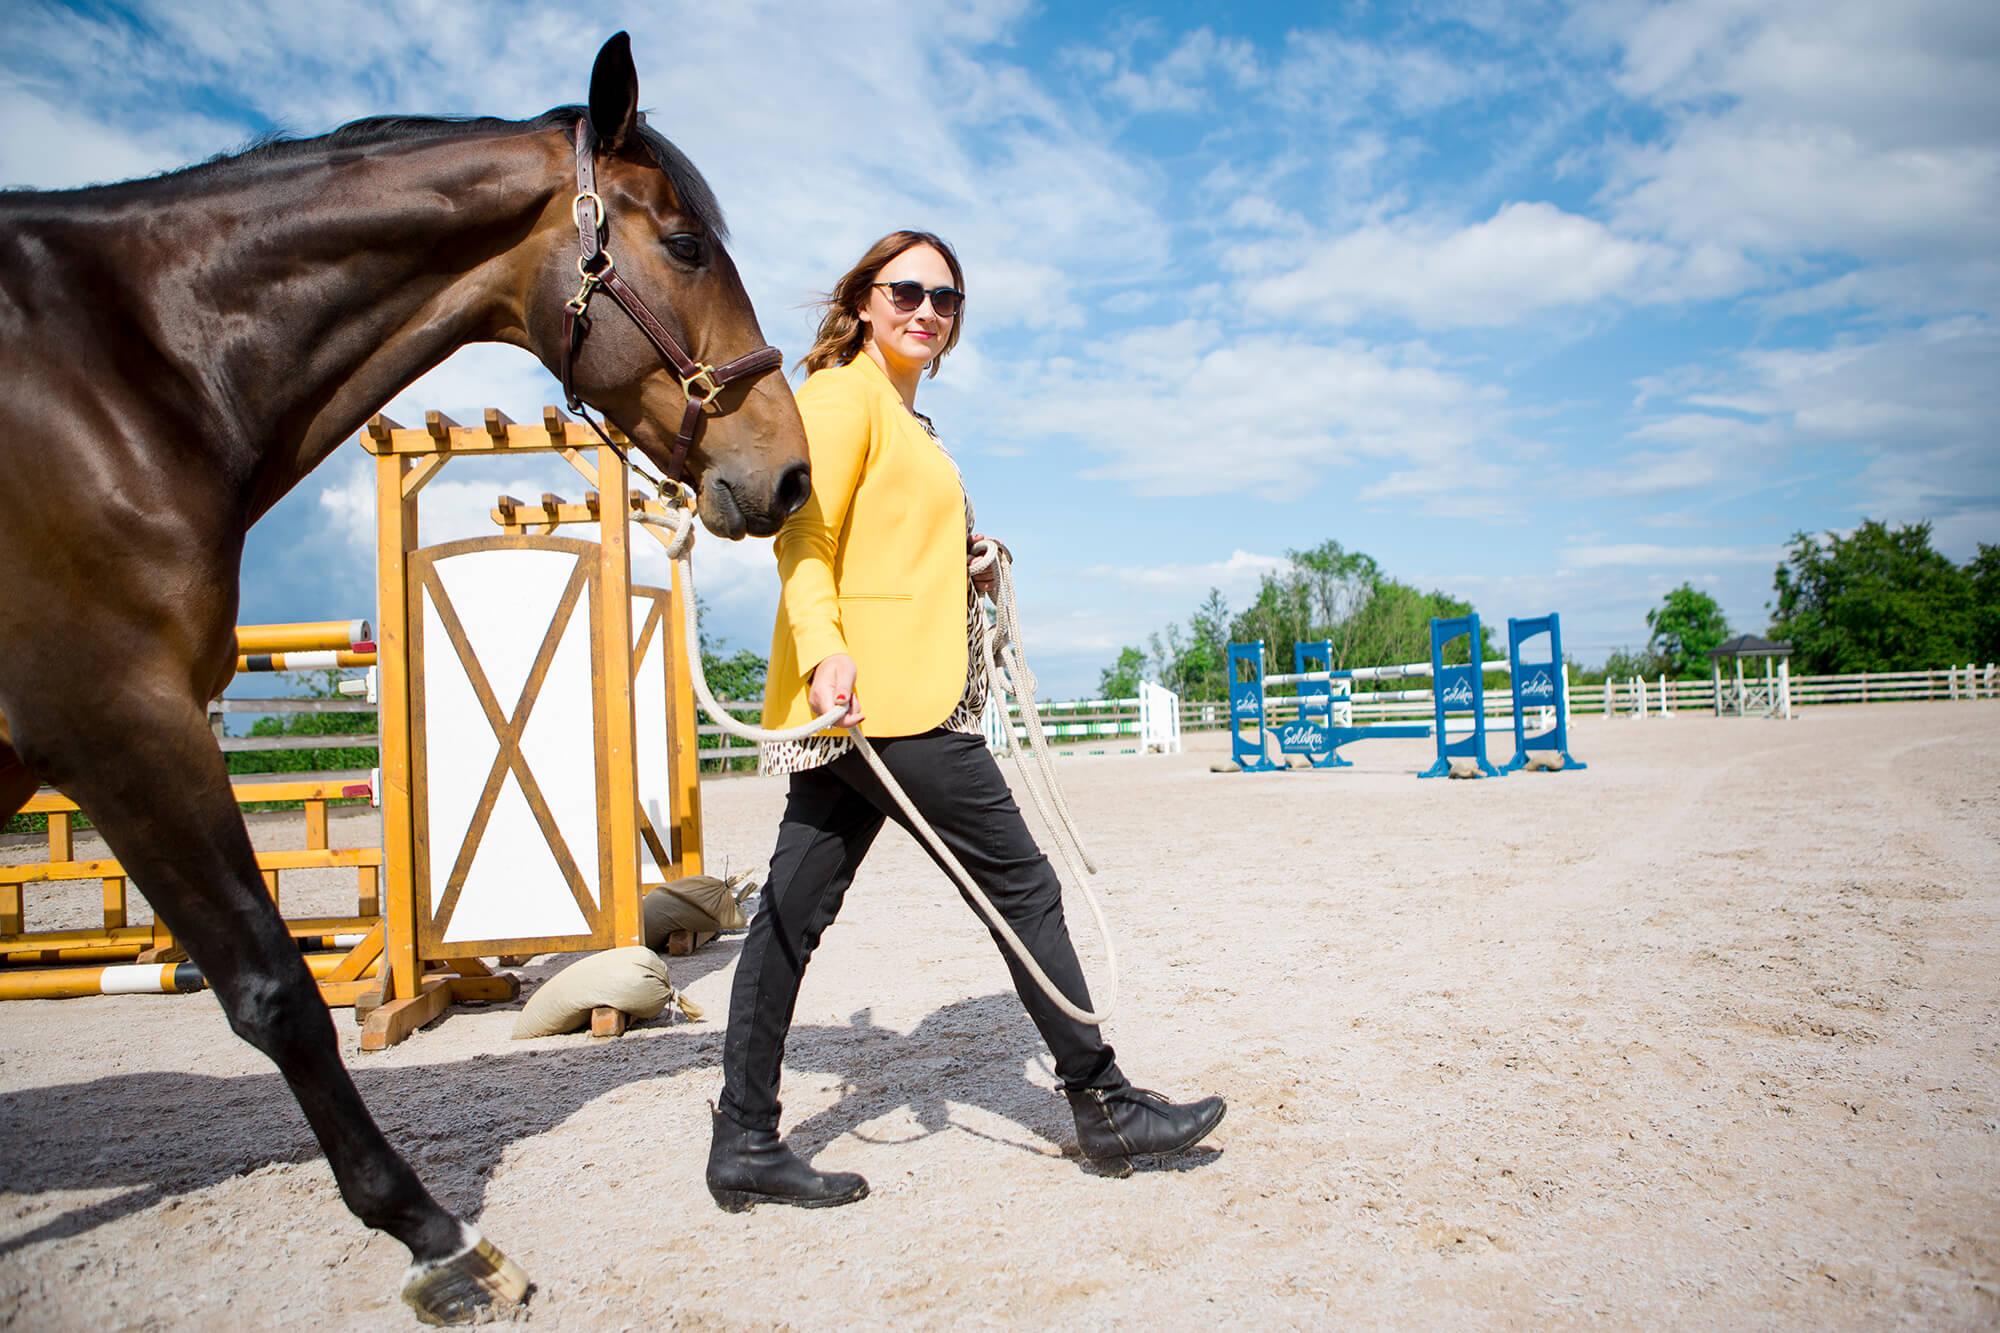 Fotografering av Lisen Fredricson och en häst med hinder i bakgrunden